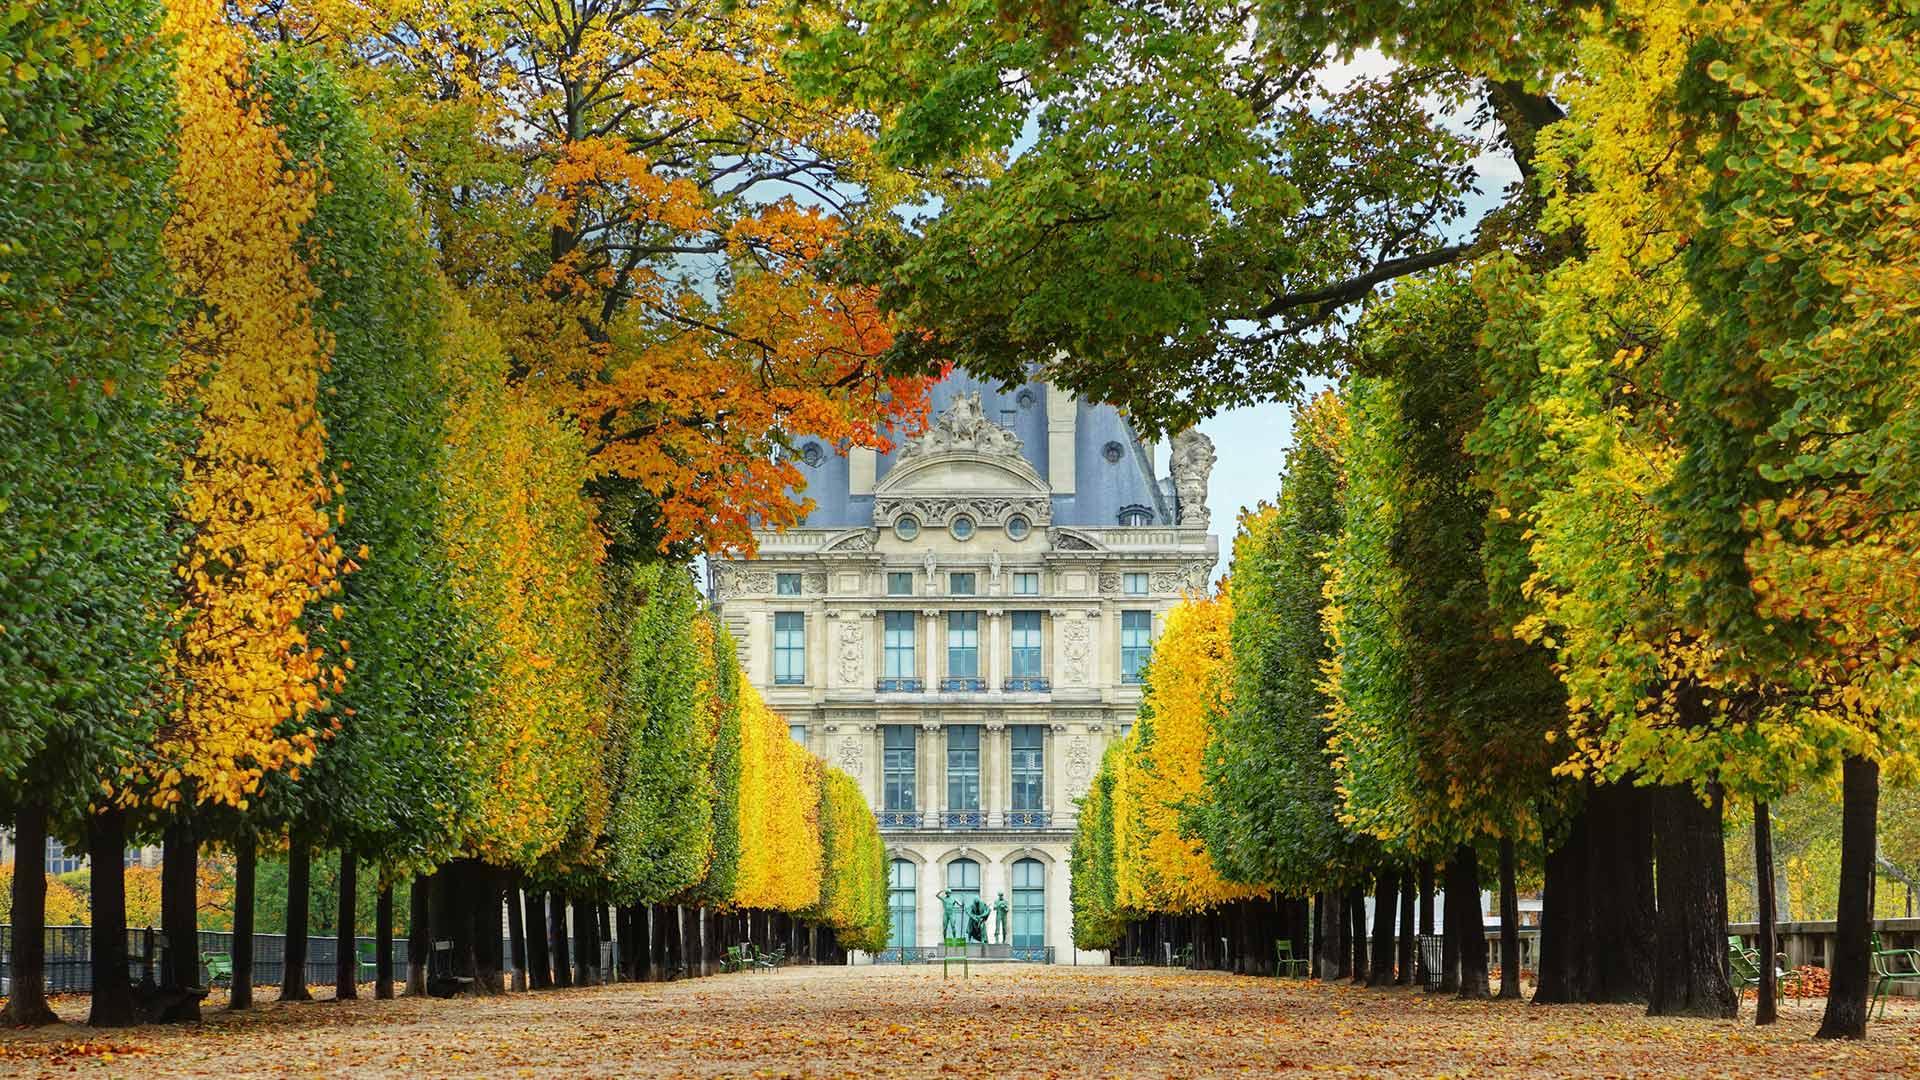 秋日里通往卢浮宫的杜乐丽花园